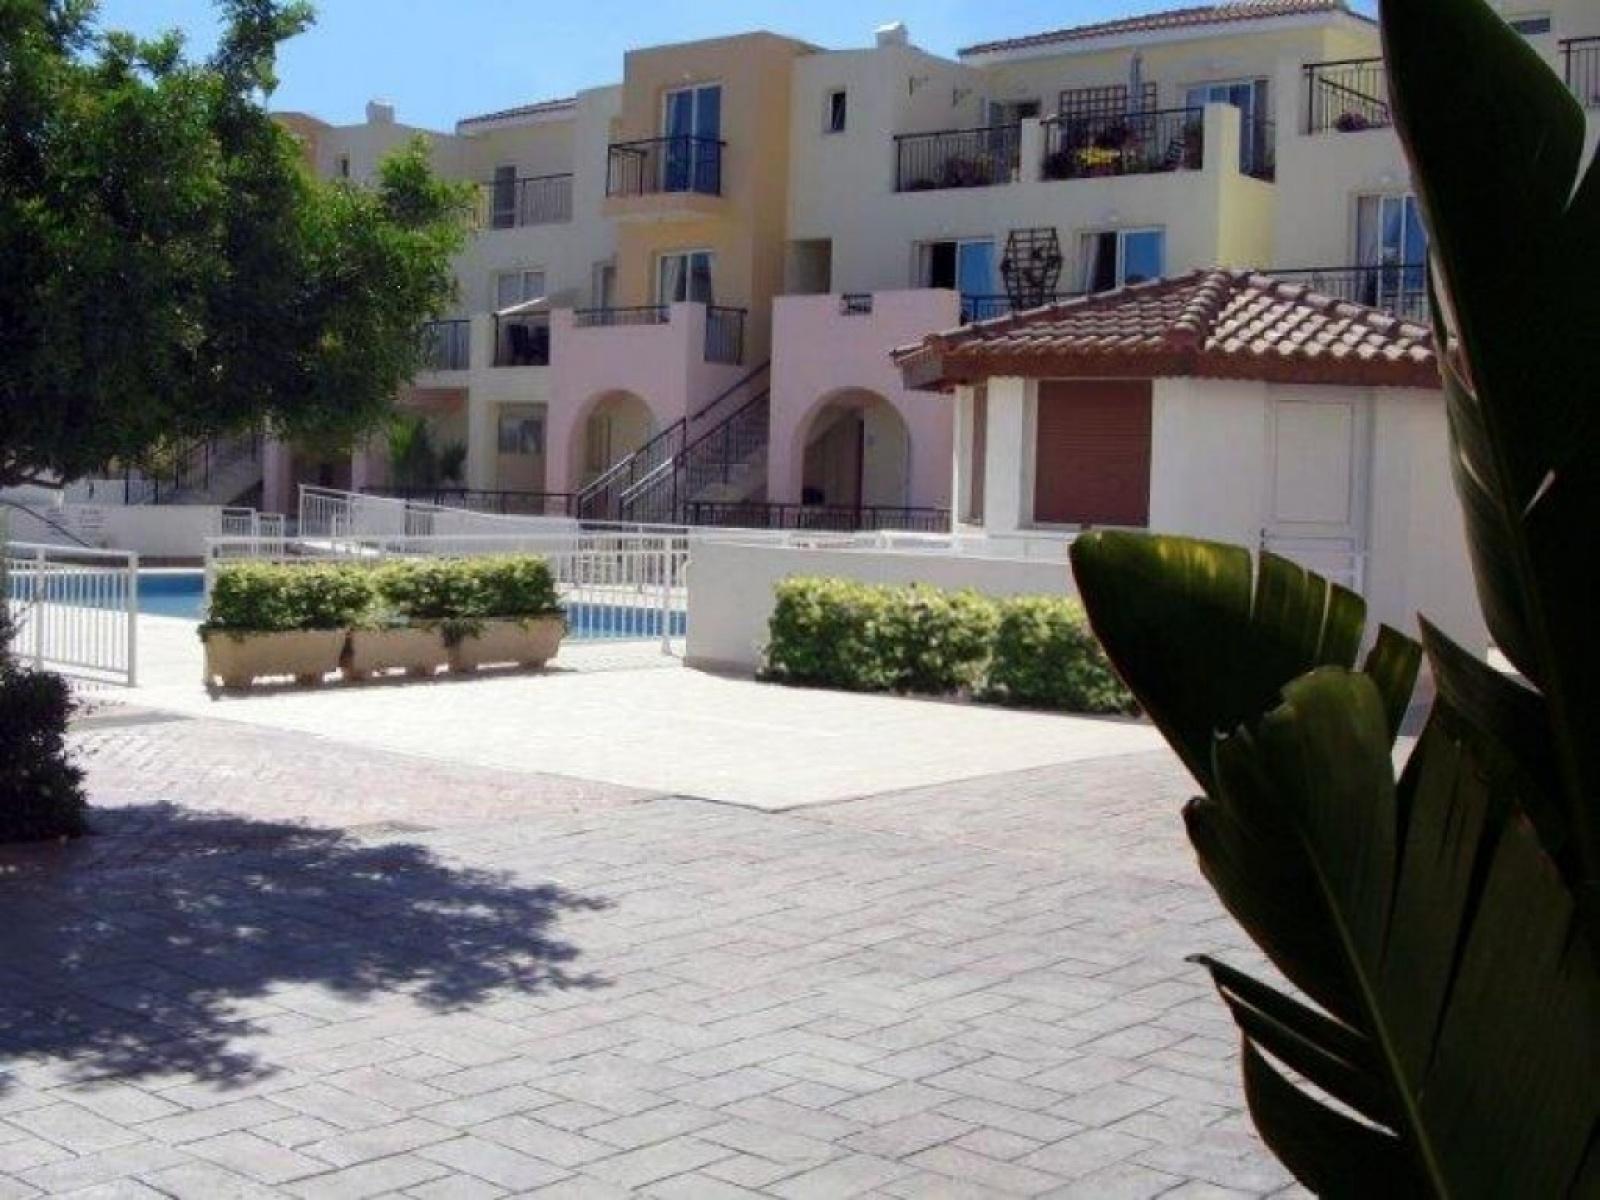 Residential Apartment - Prodromi Village Apartment